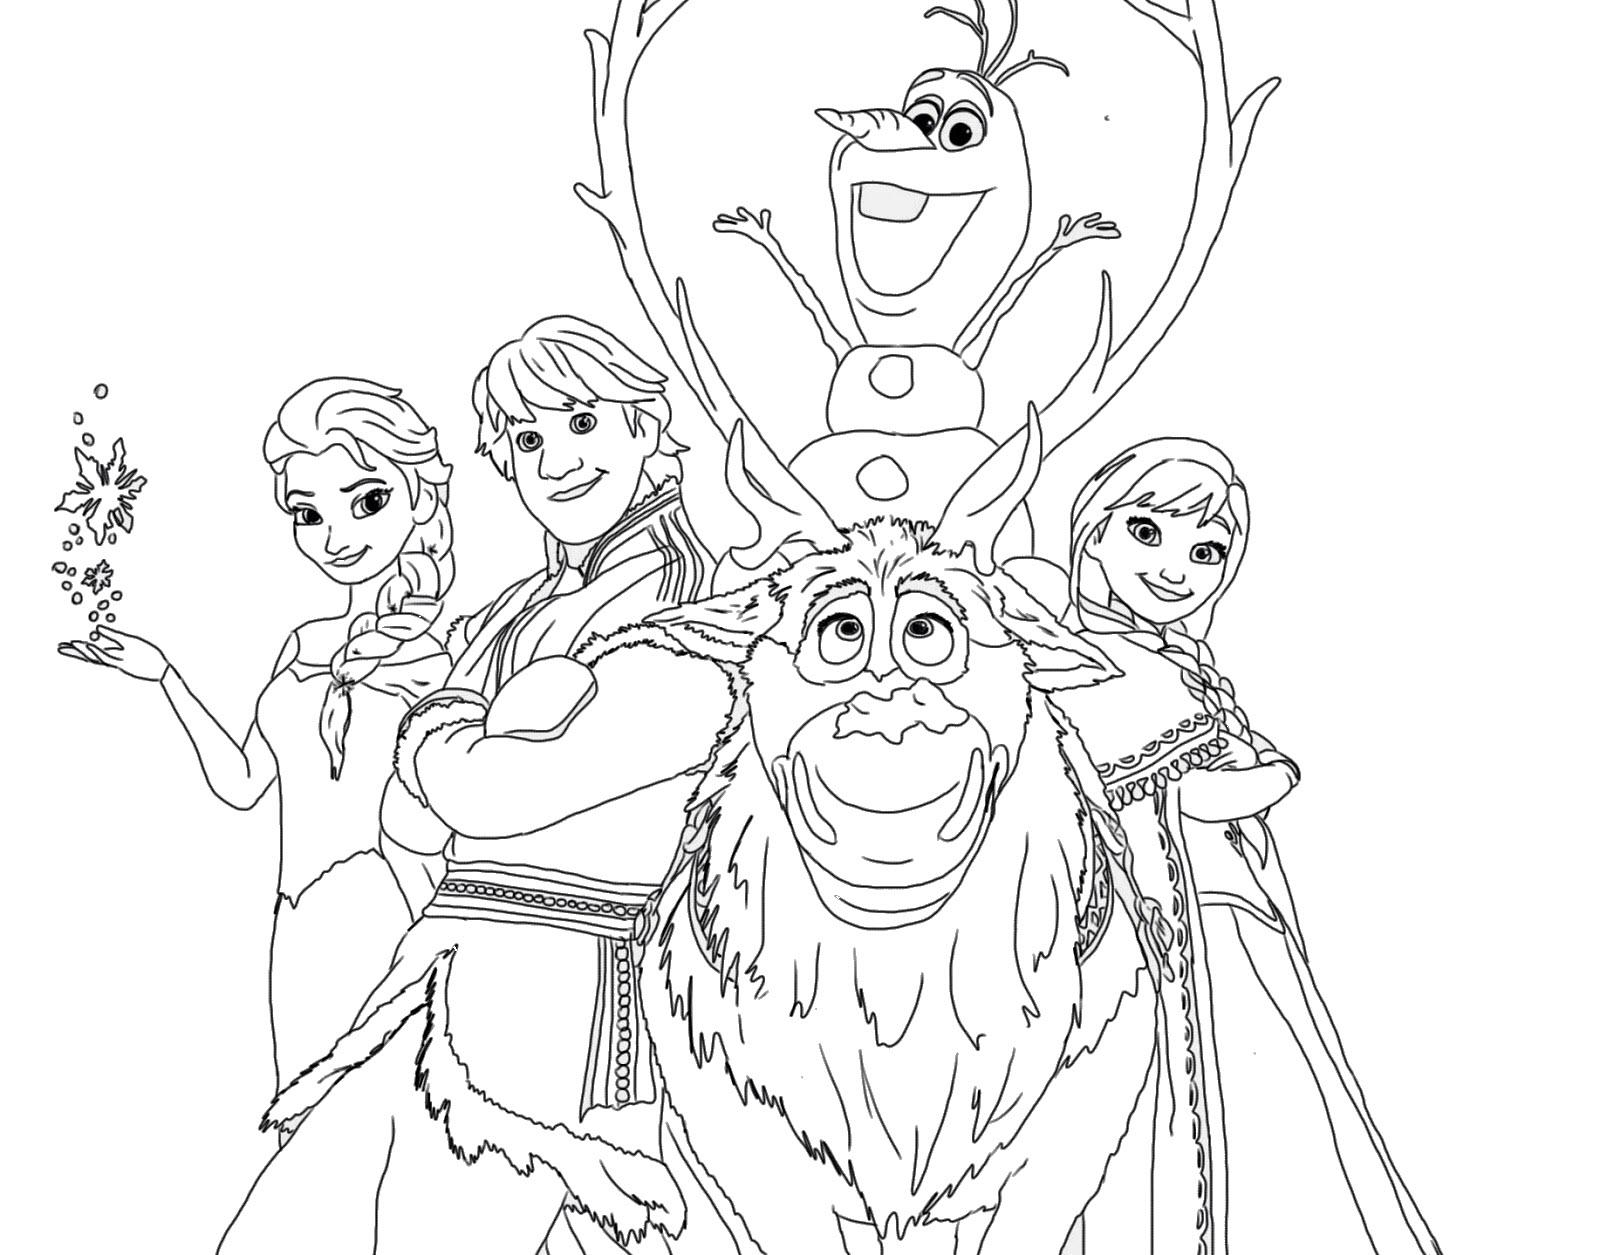 Tranh tô màu công chúa Elsa và những người bạn